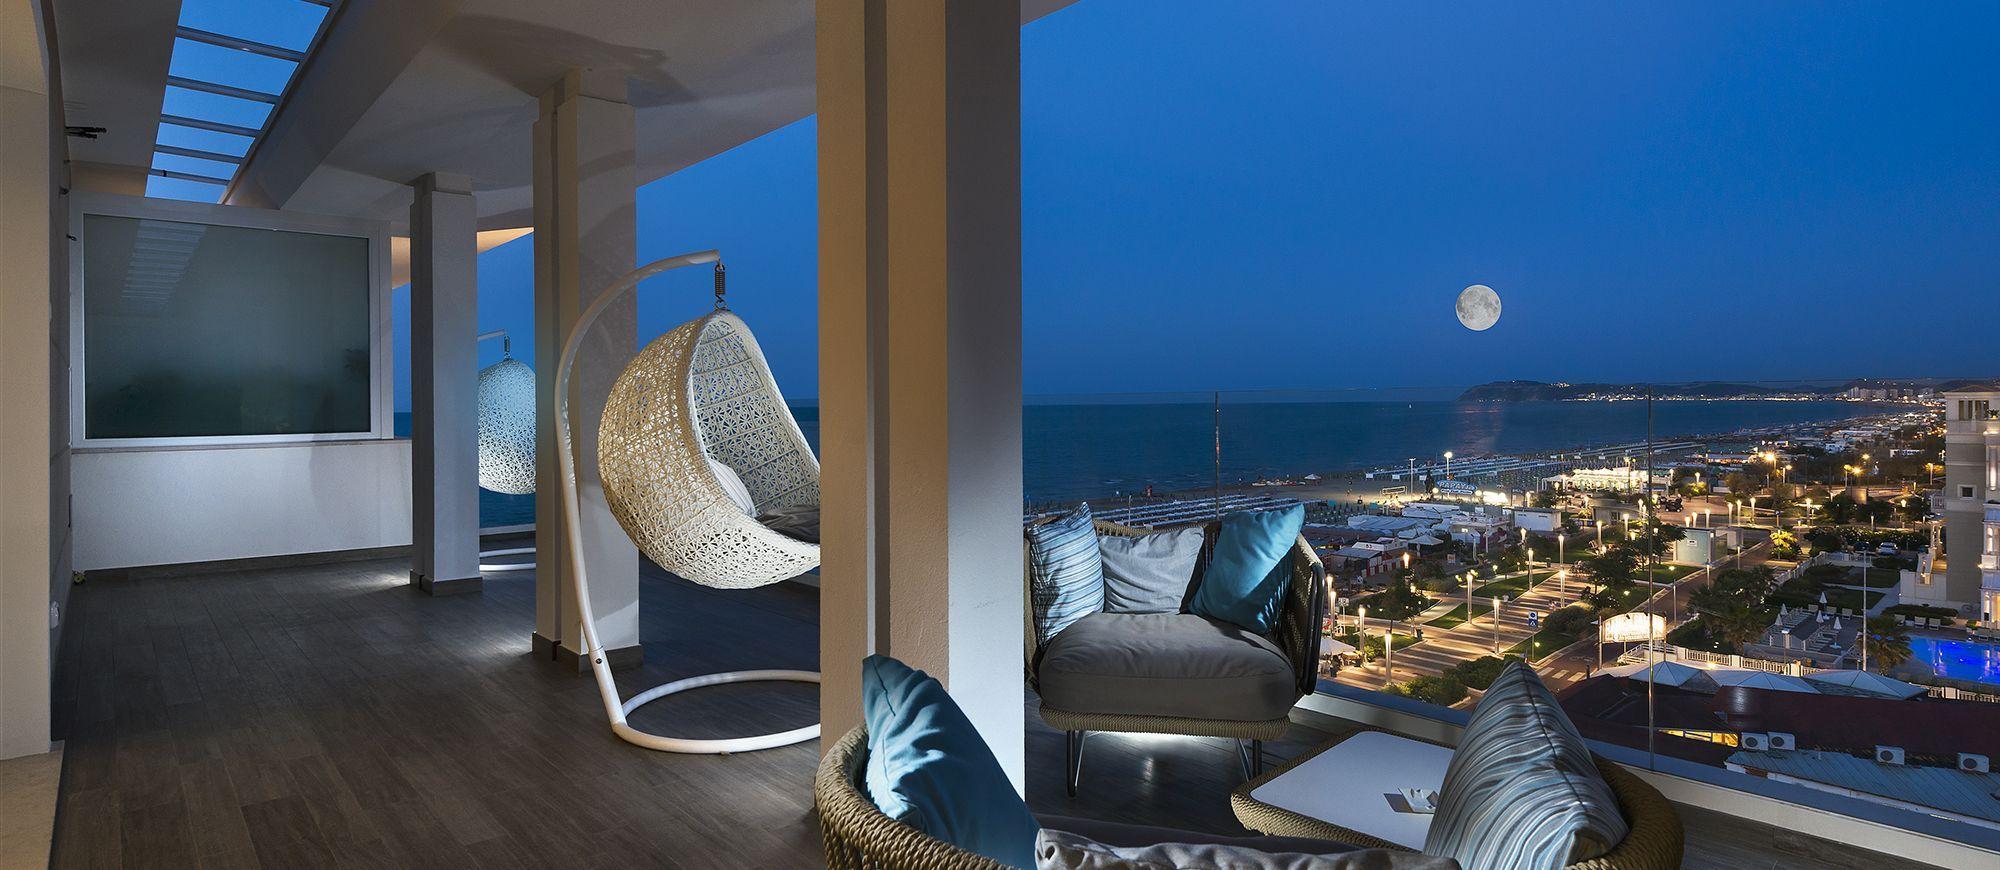 Dreams Luxury Suites Hotel Di Lusso A Riccione | COUNTRIES _ GREECE ...